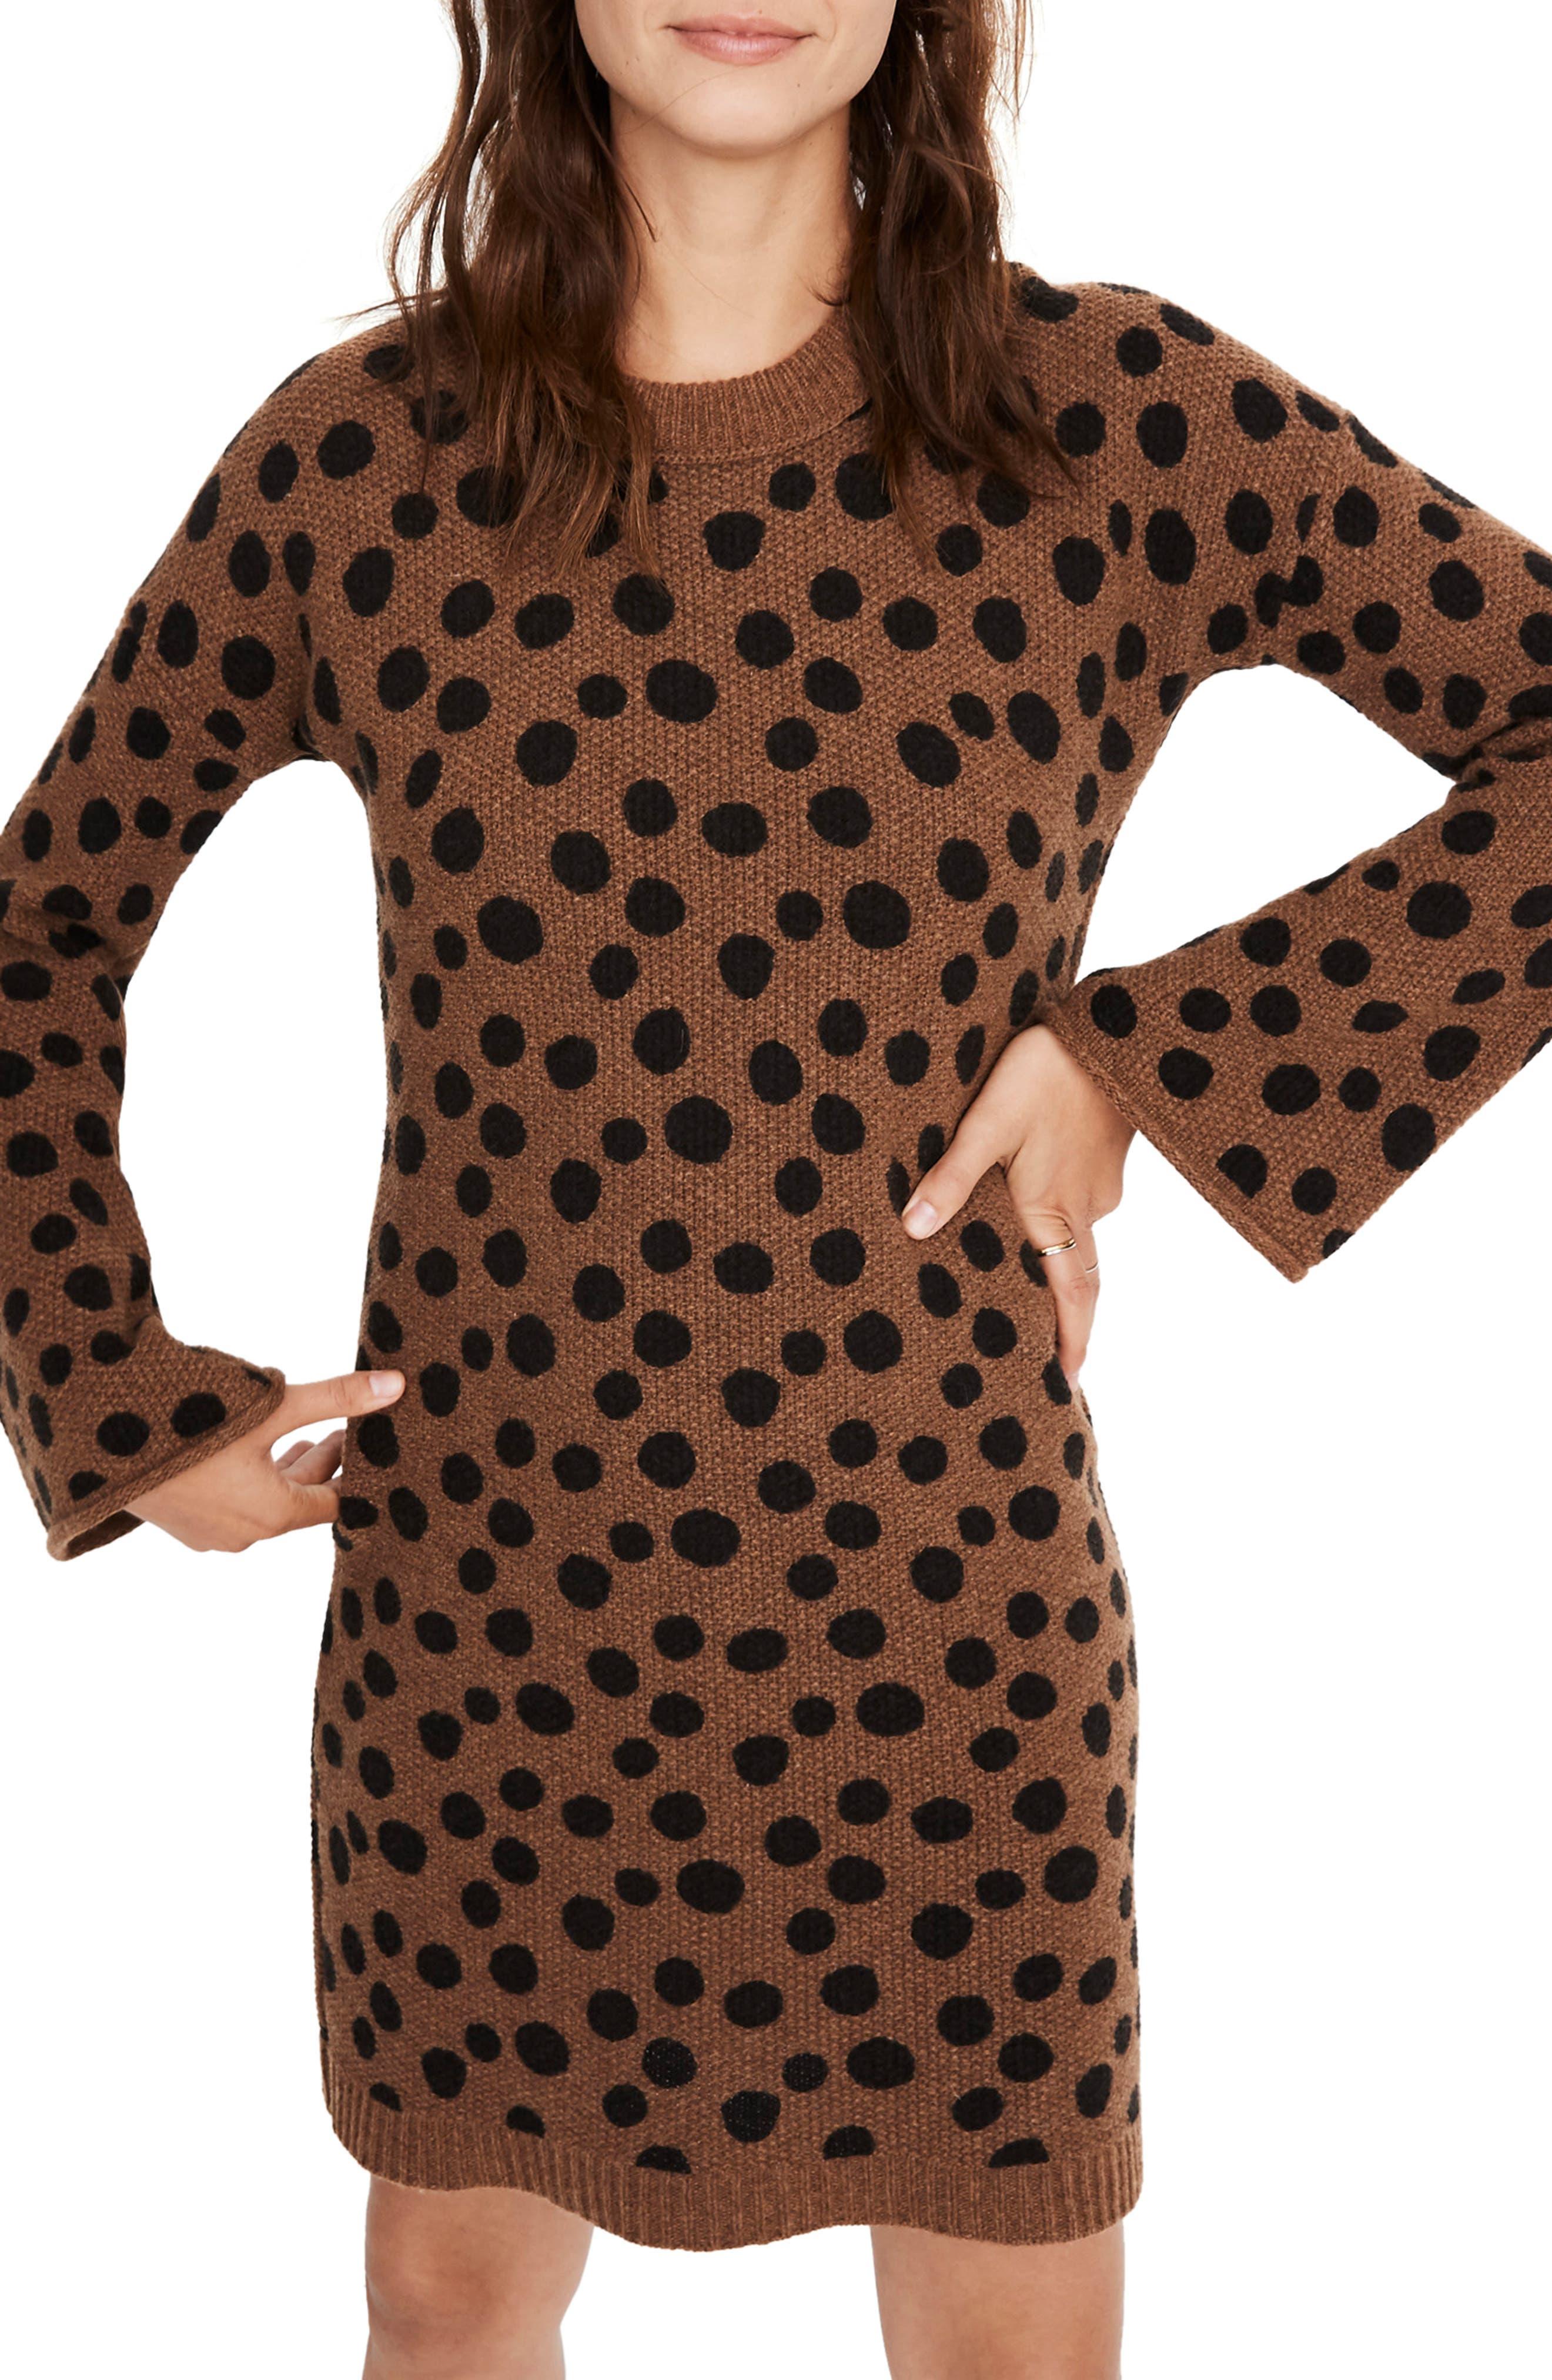 Madewell Leopard Dot Sweater Dress, Brown